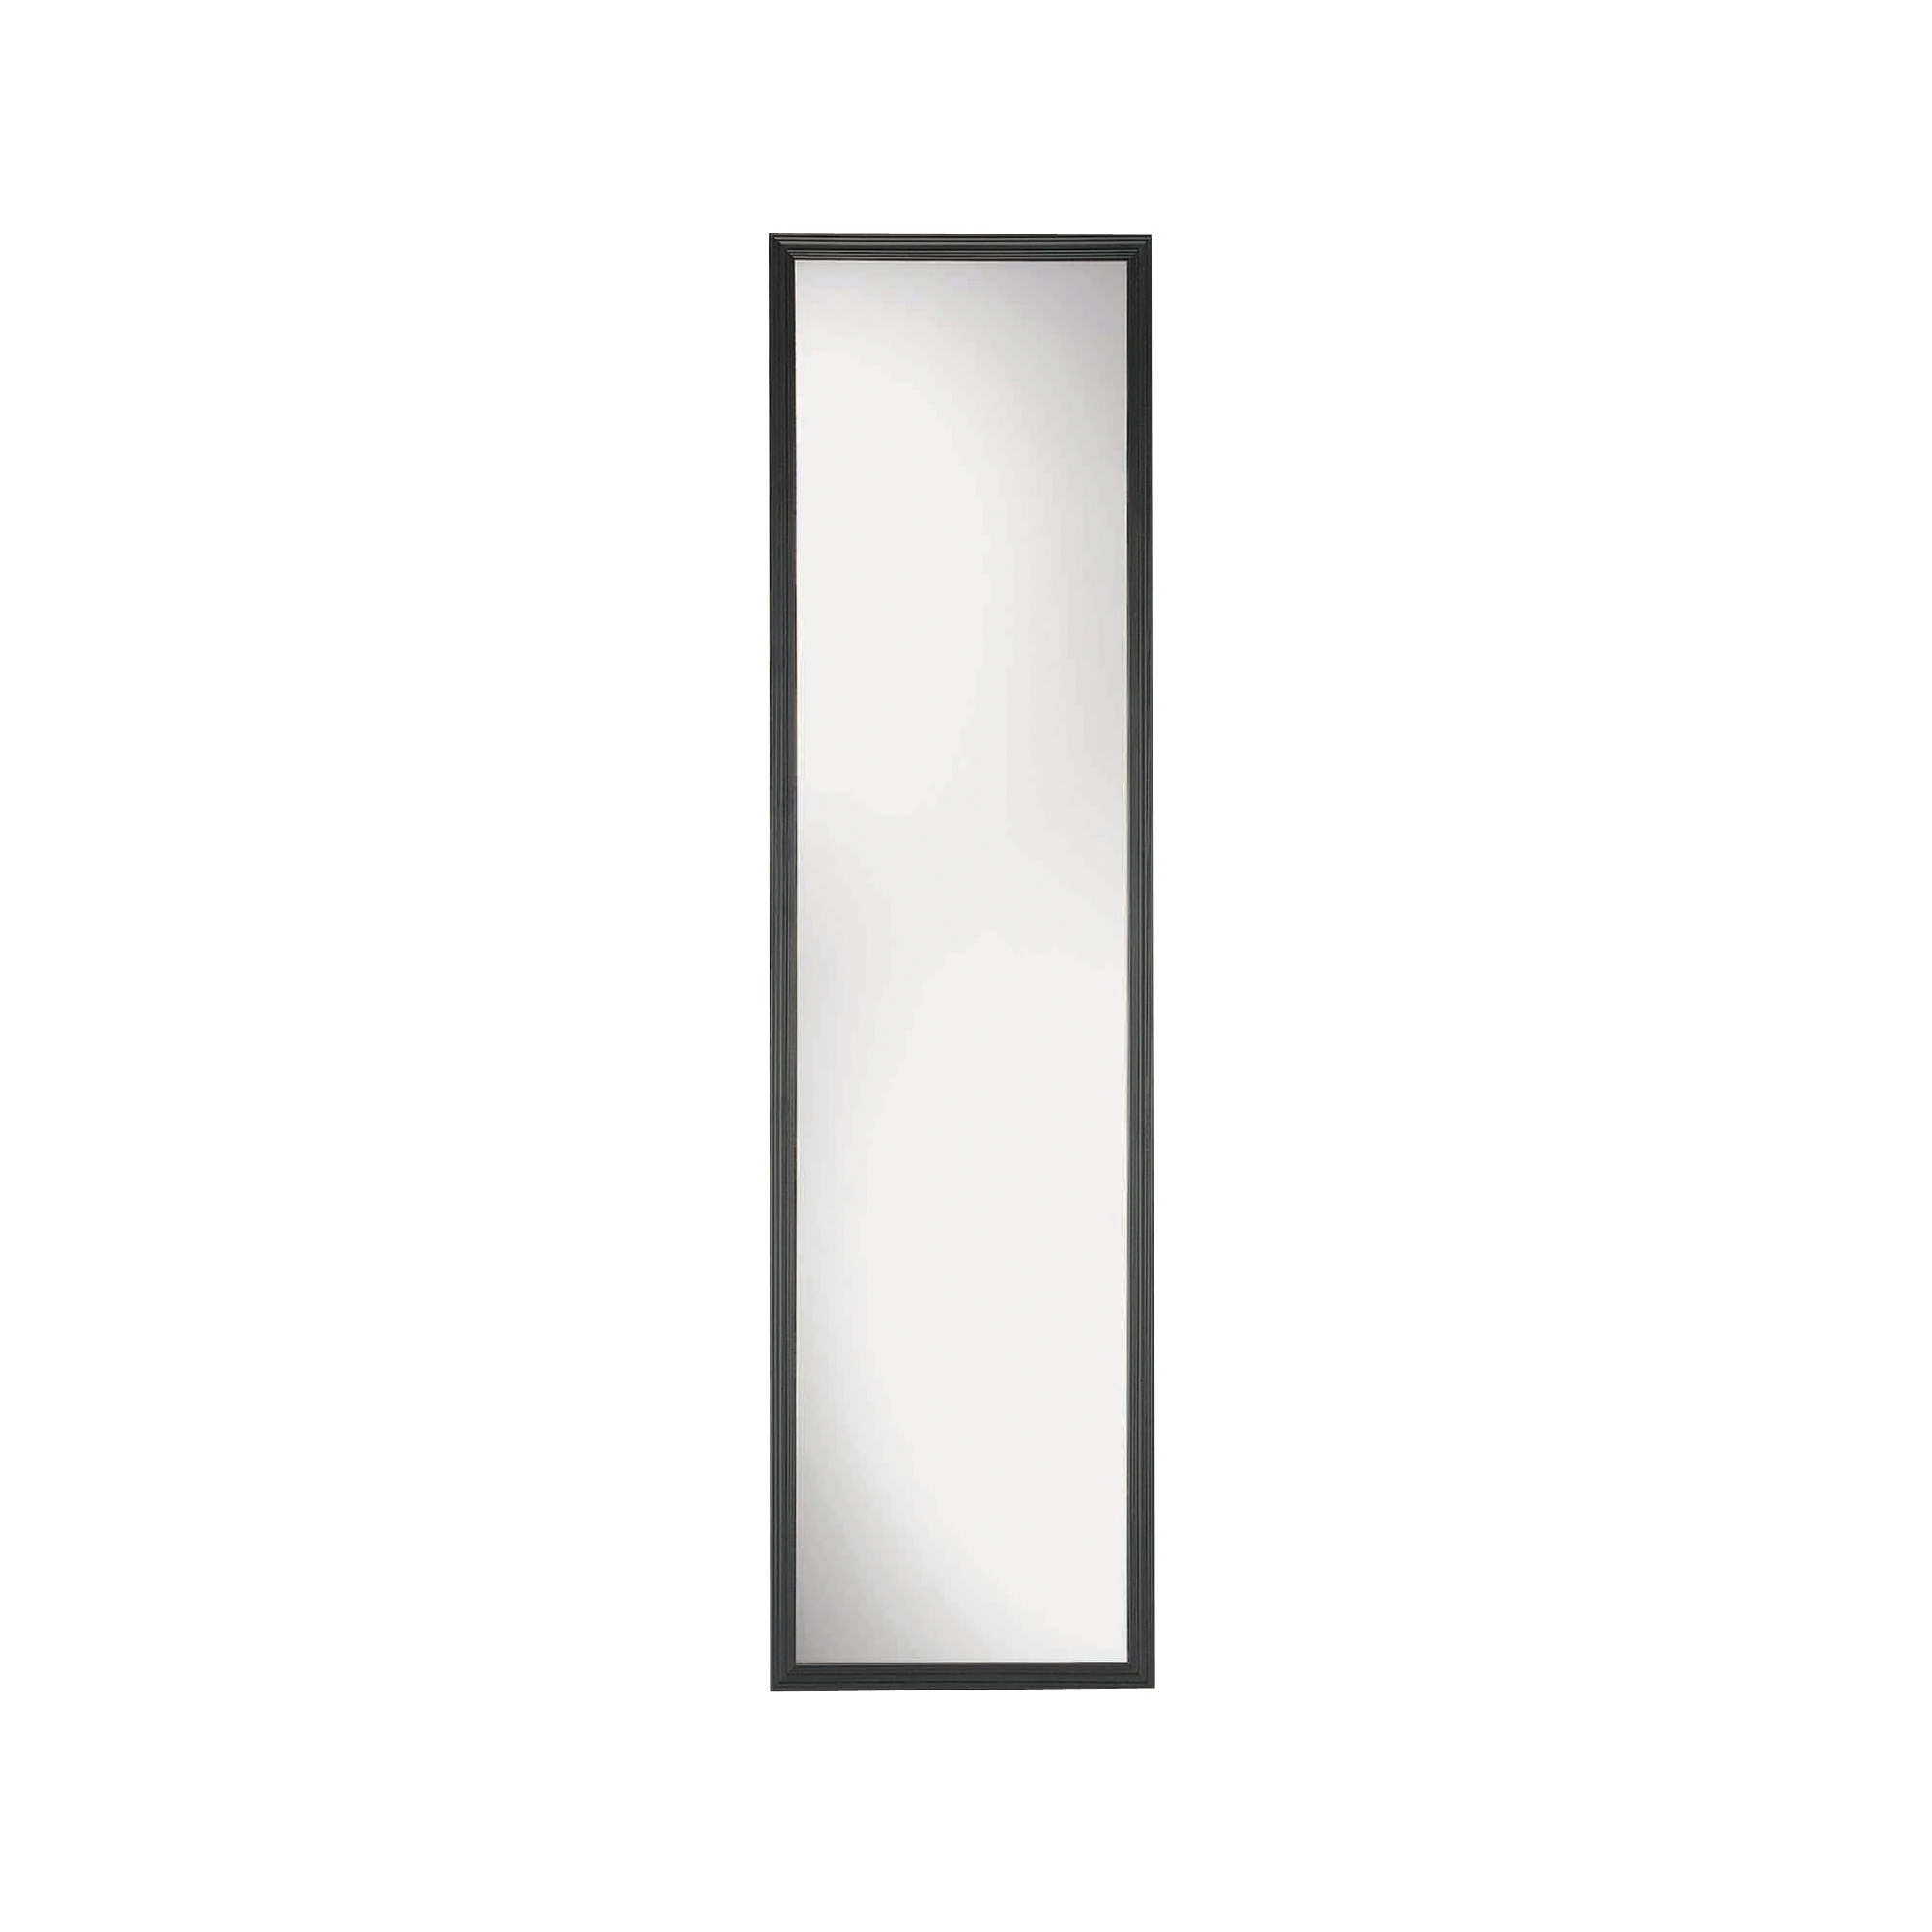 Picture of RENIN 206190 Framed Mirror, Rectangular, Plastic Frame, Black Frame